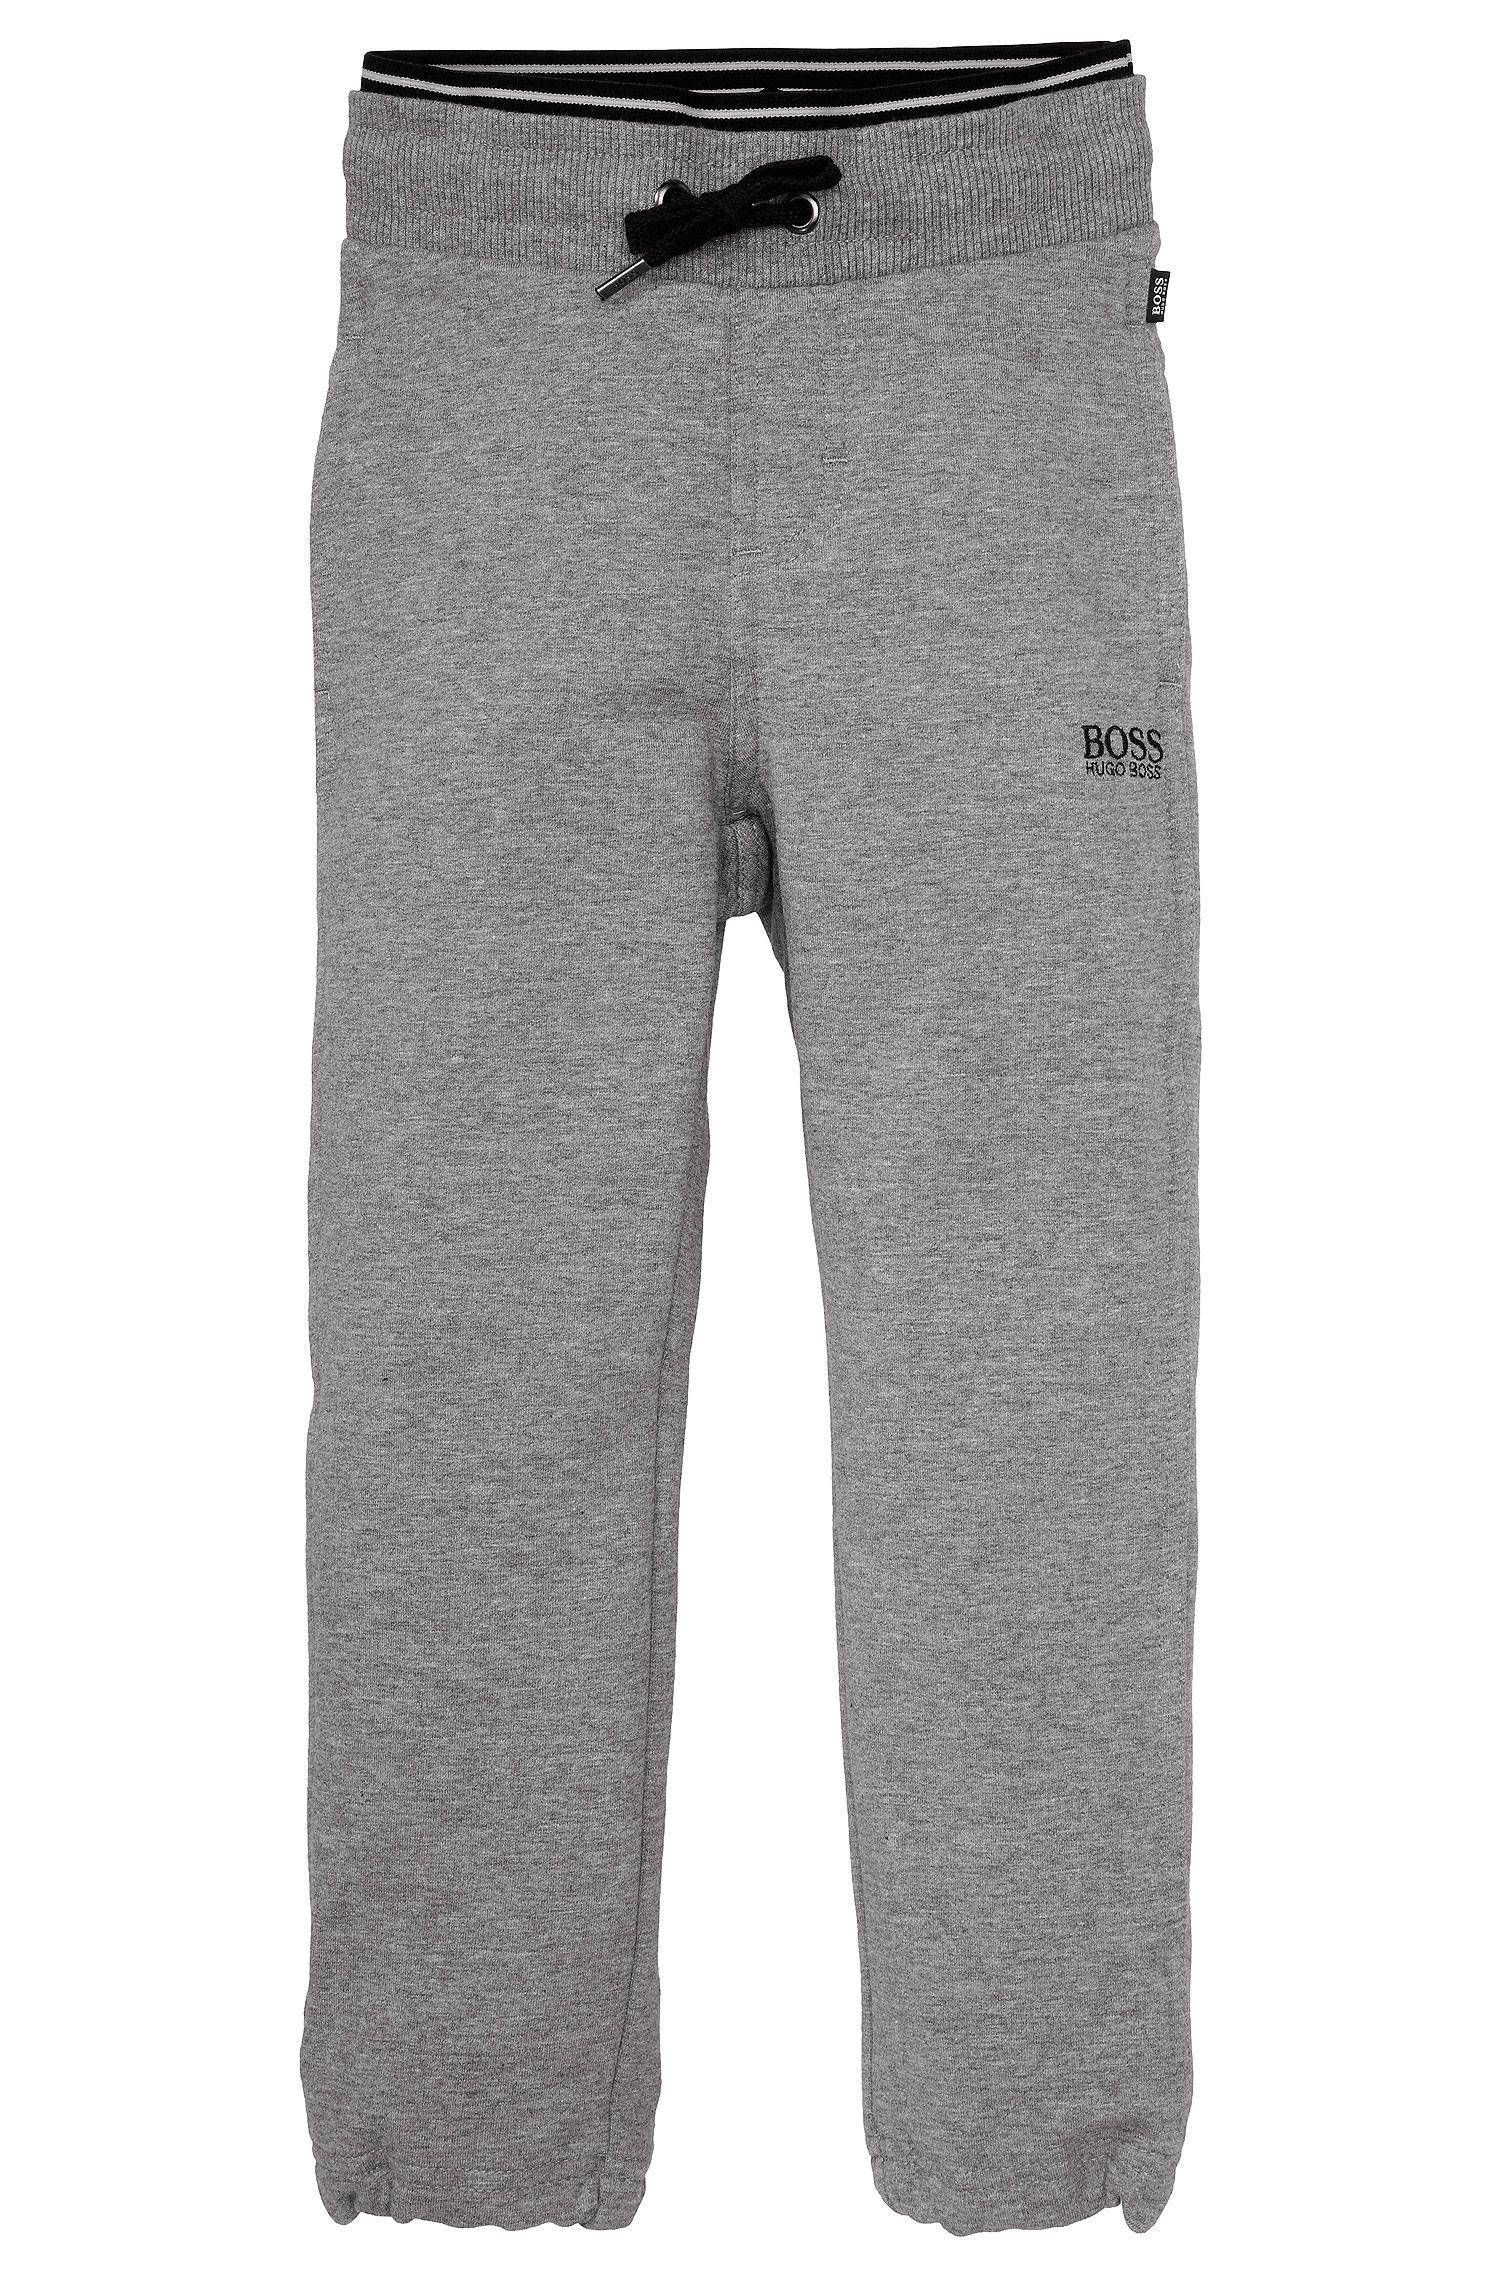 Pantalon de jogging pour enfants «J24300» en coton mélangé